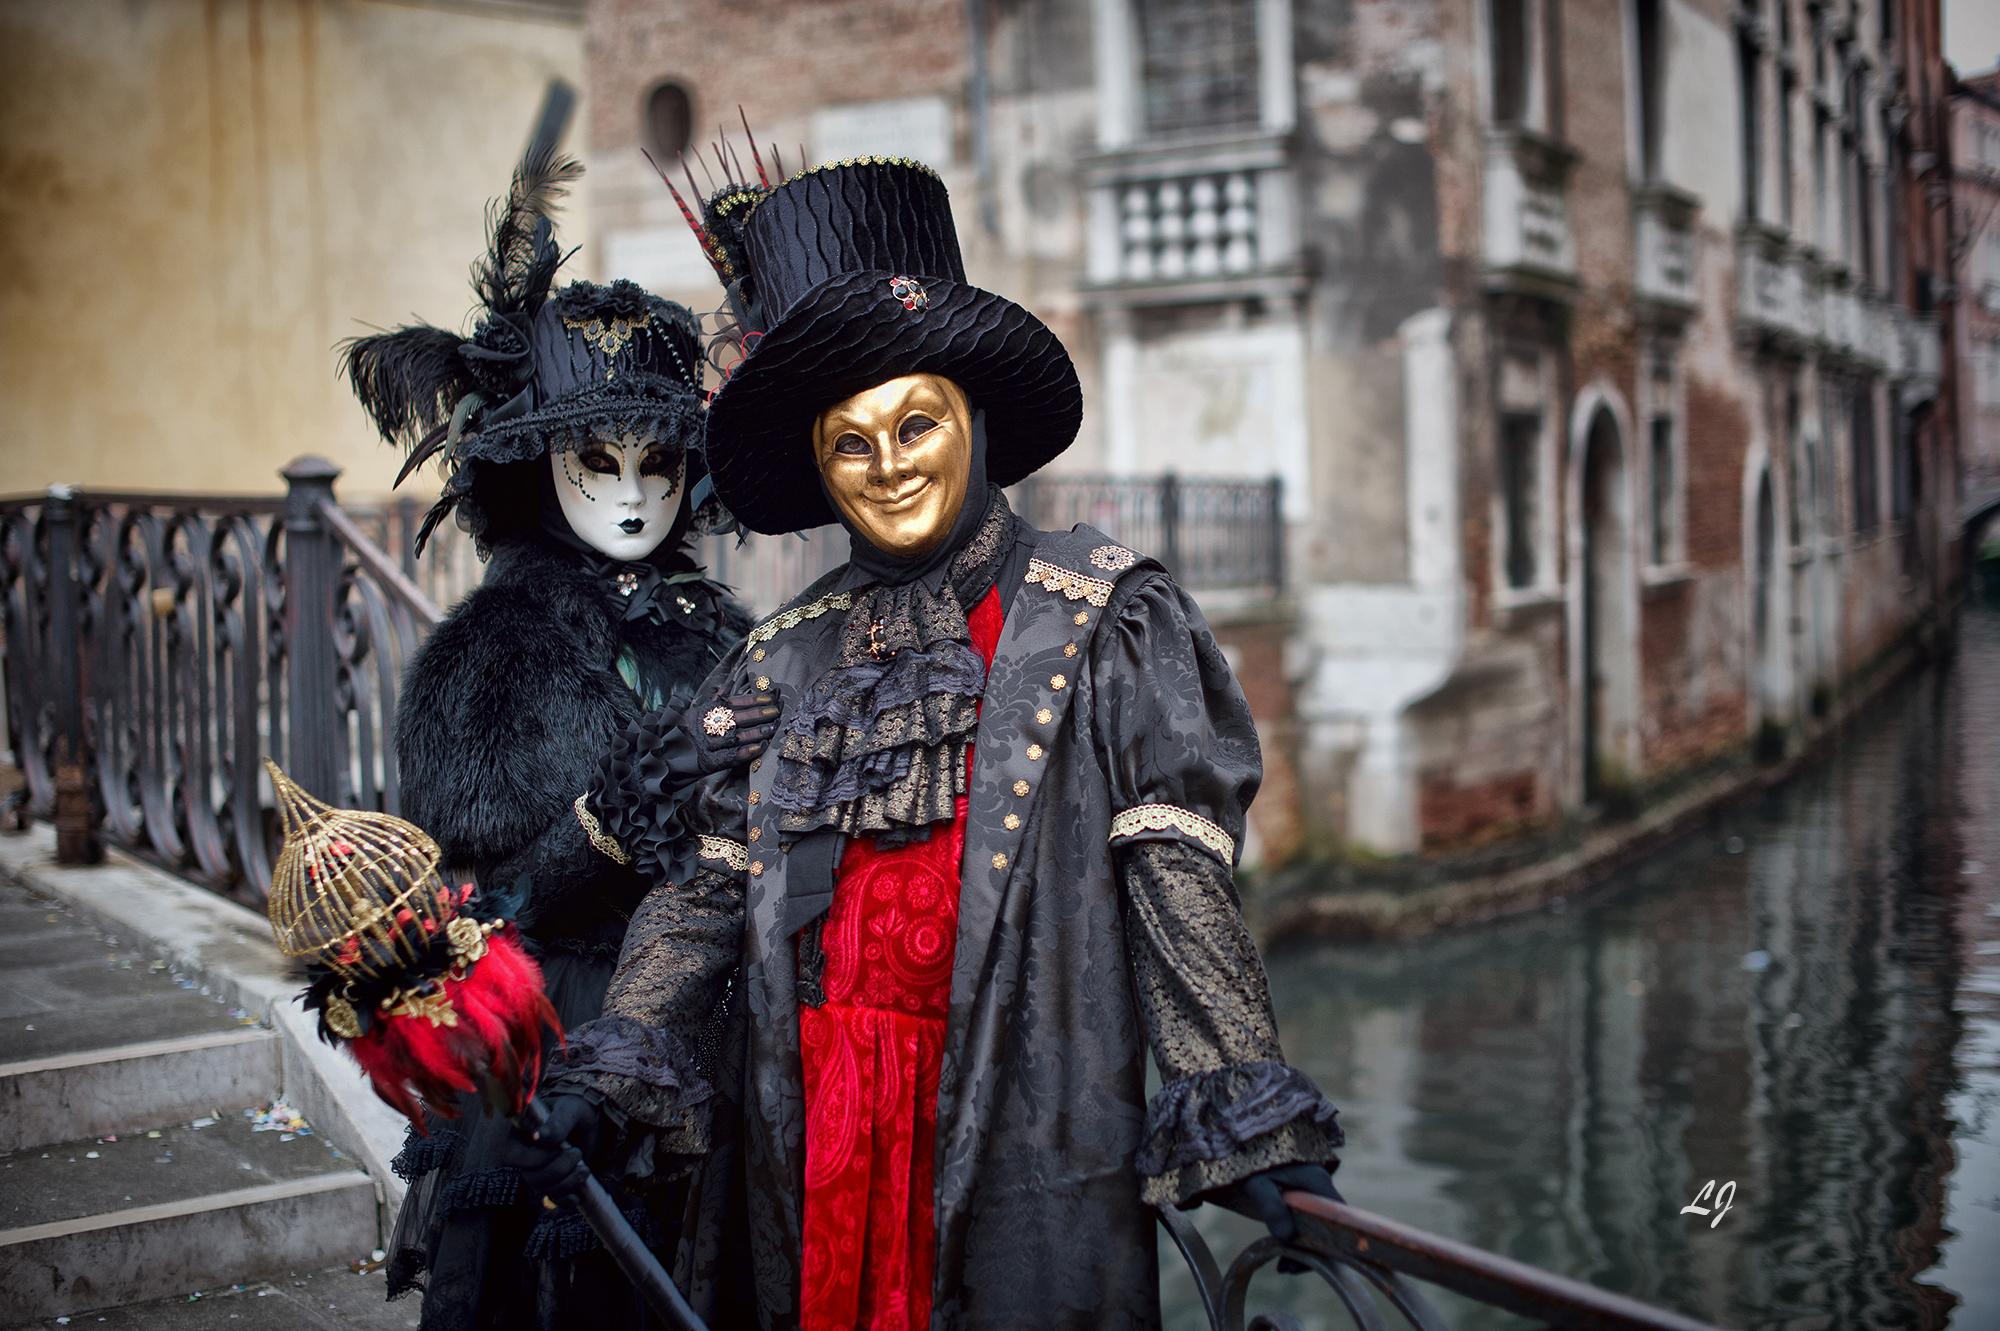 Meilleur photos Carnaval de Venise 2018 laure jacquemin (64)